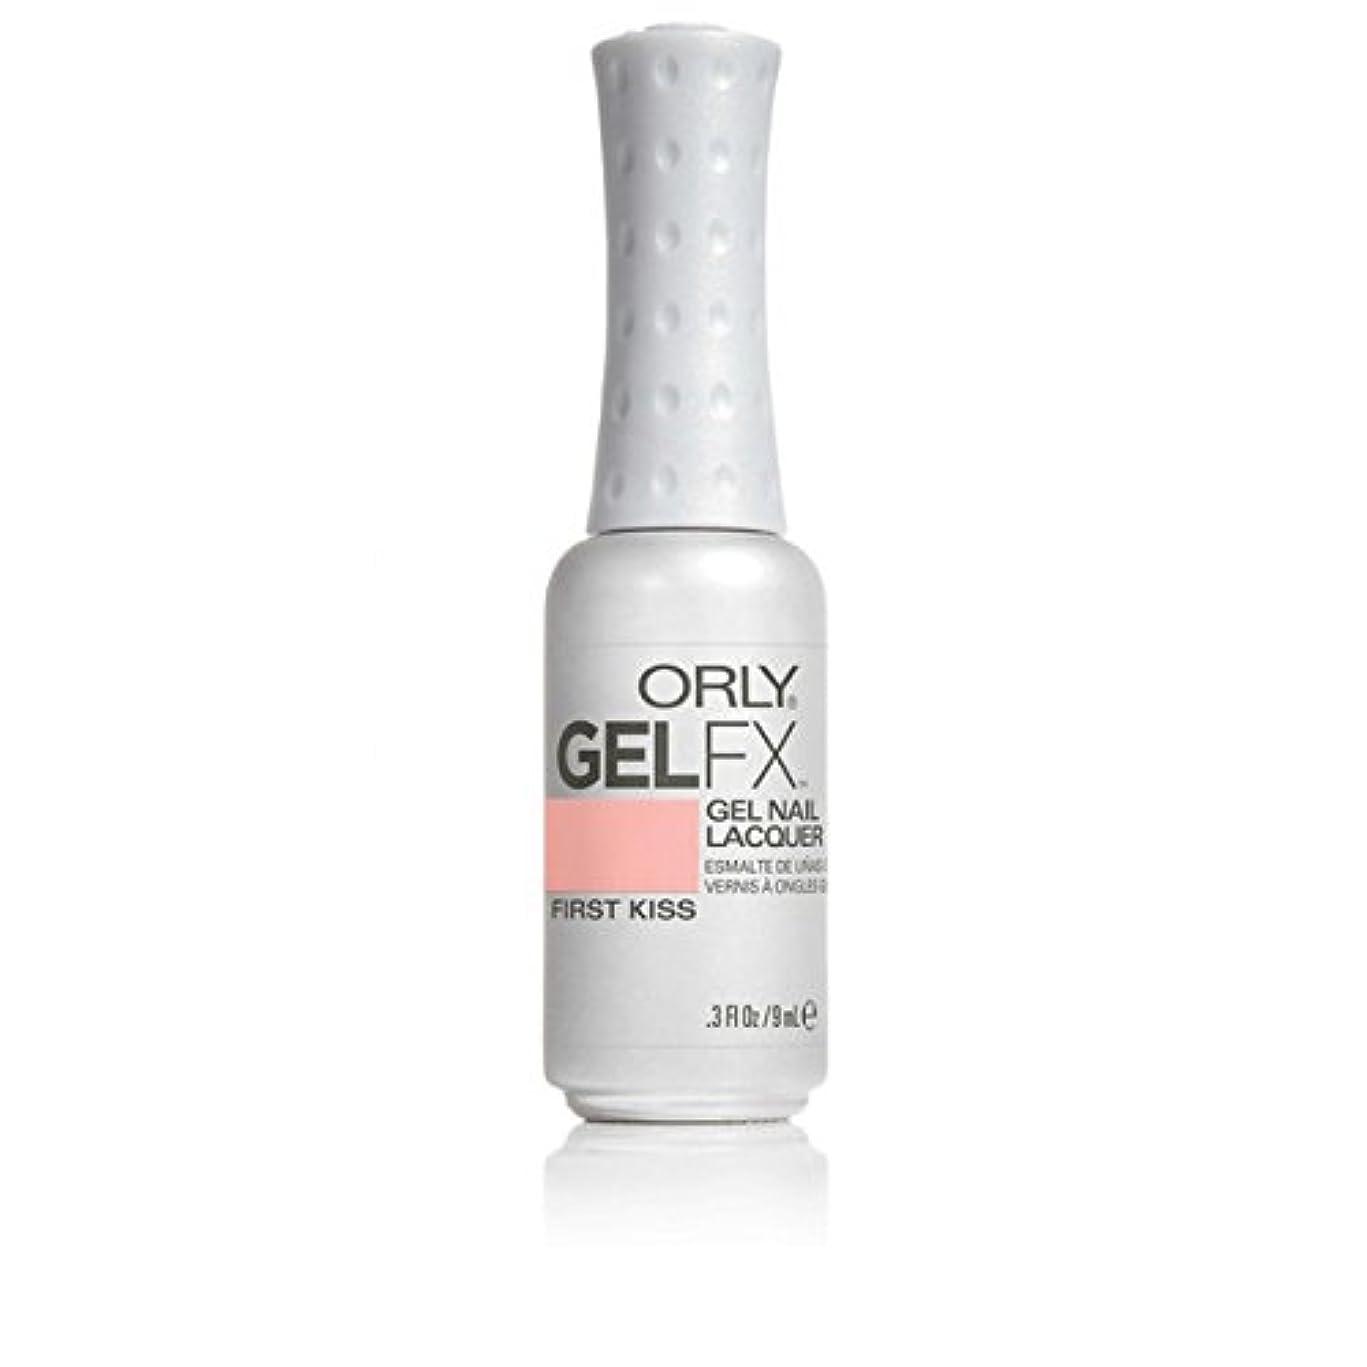 廊下無効にする線形ORLY(オーリー)ジェルFXジェルネイルラッカー 9ml ファーストキス#30675